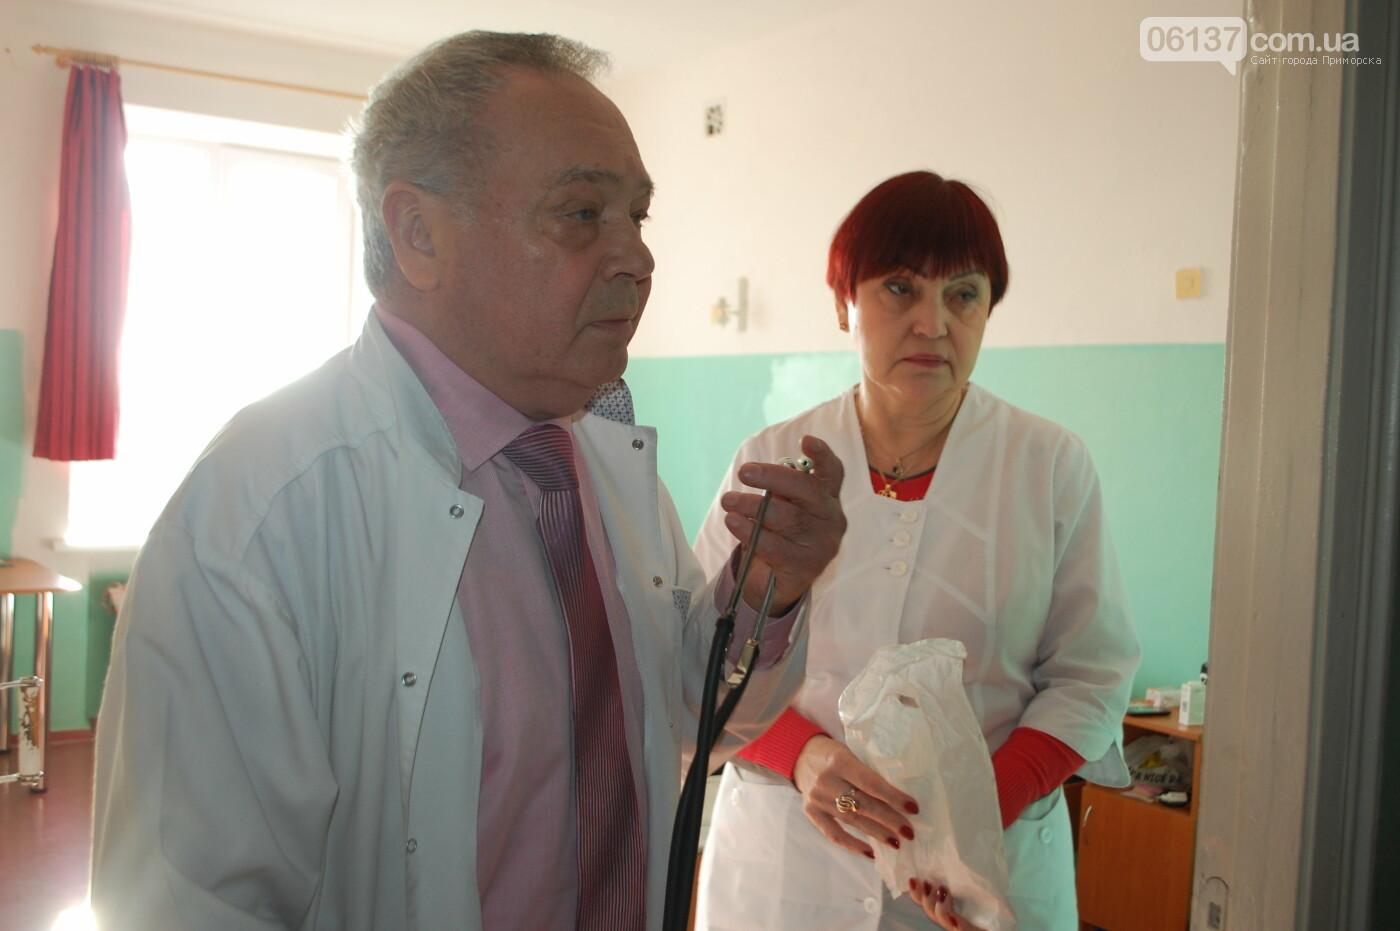 За дитину, якій не надали медичну допомогу заступилися активісти Приморська, фото-7